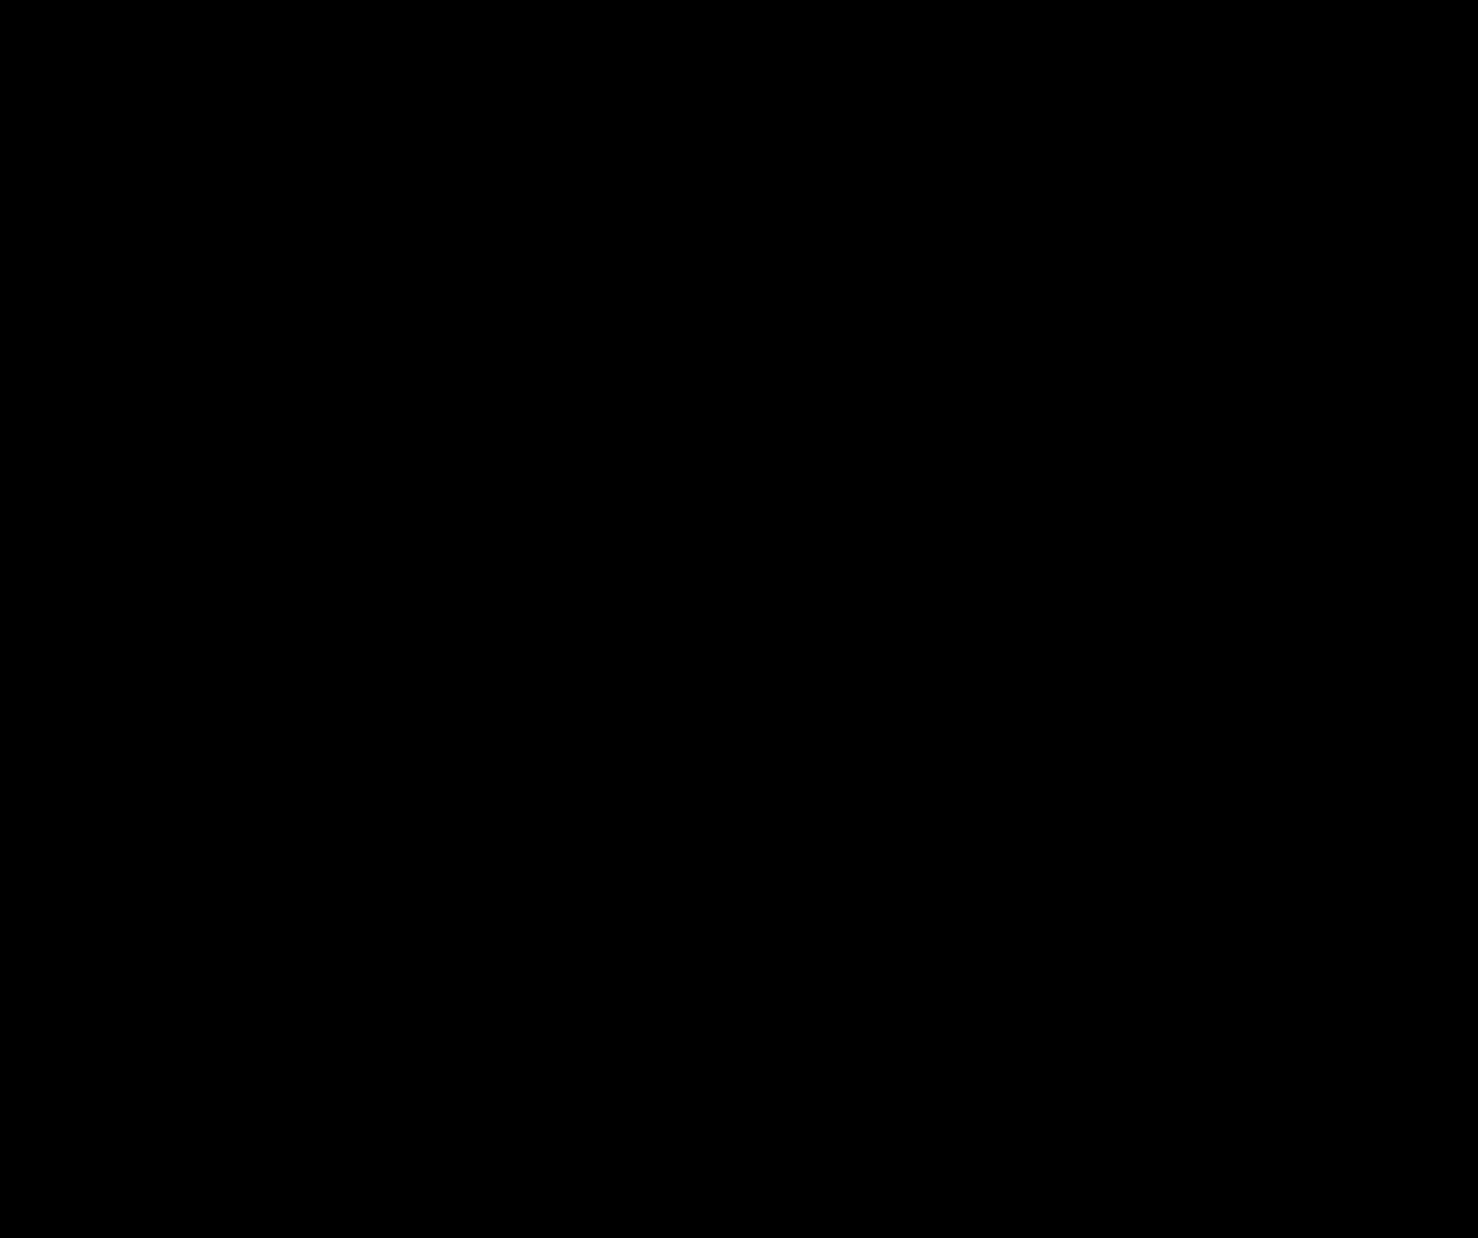 rhombus left_5.png